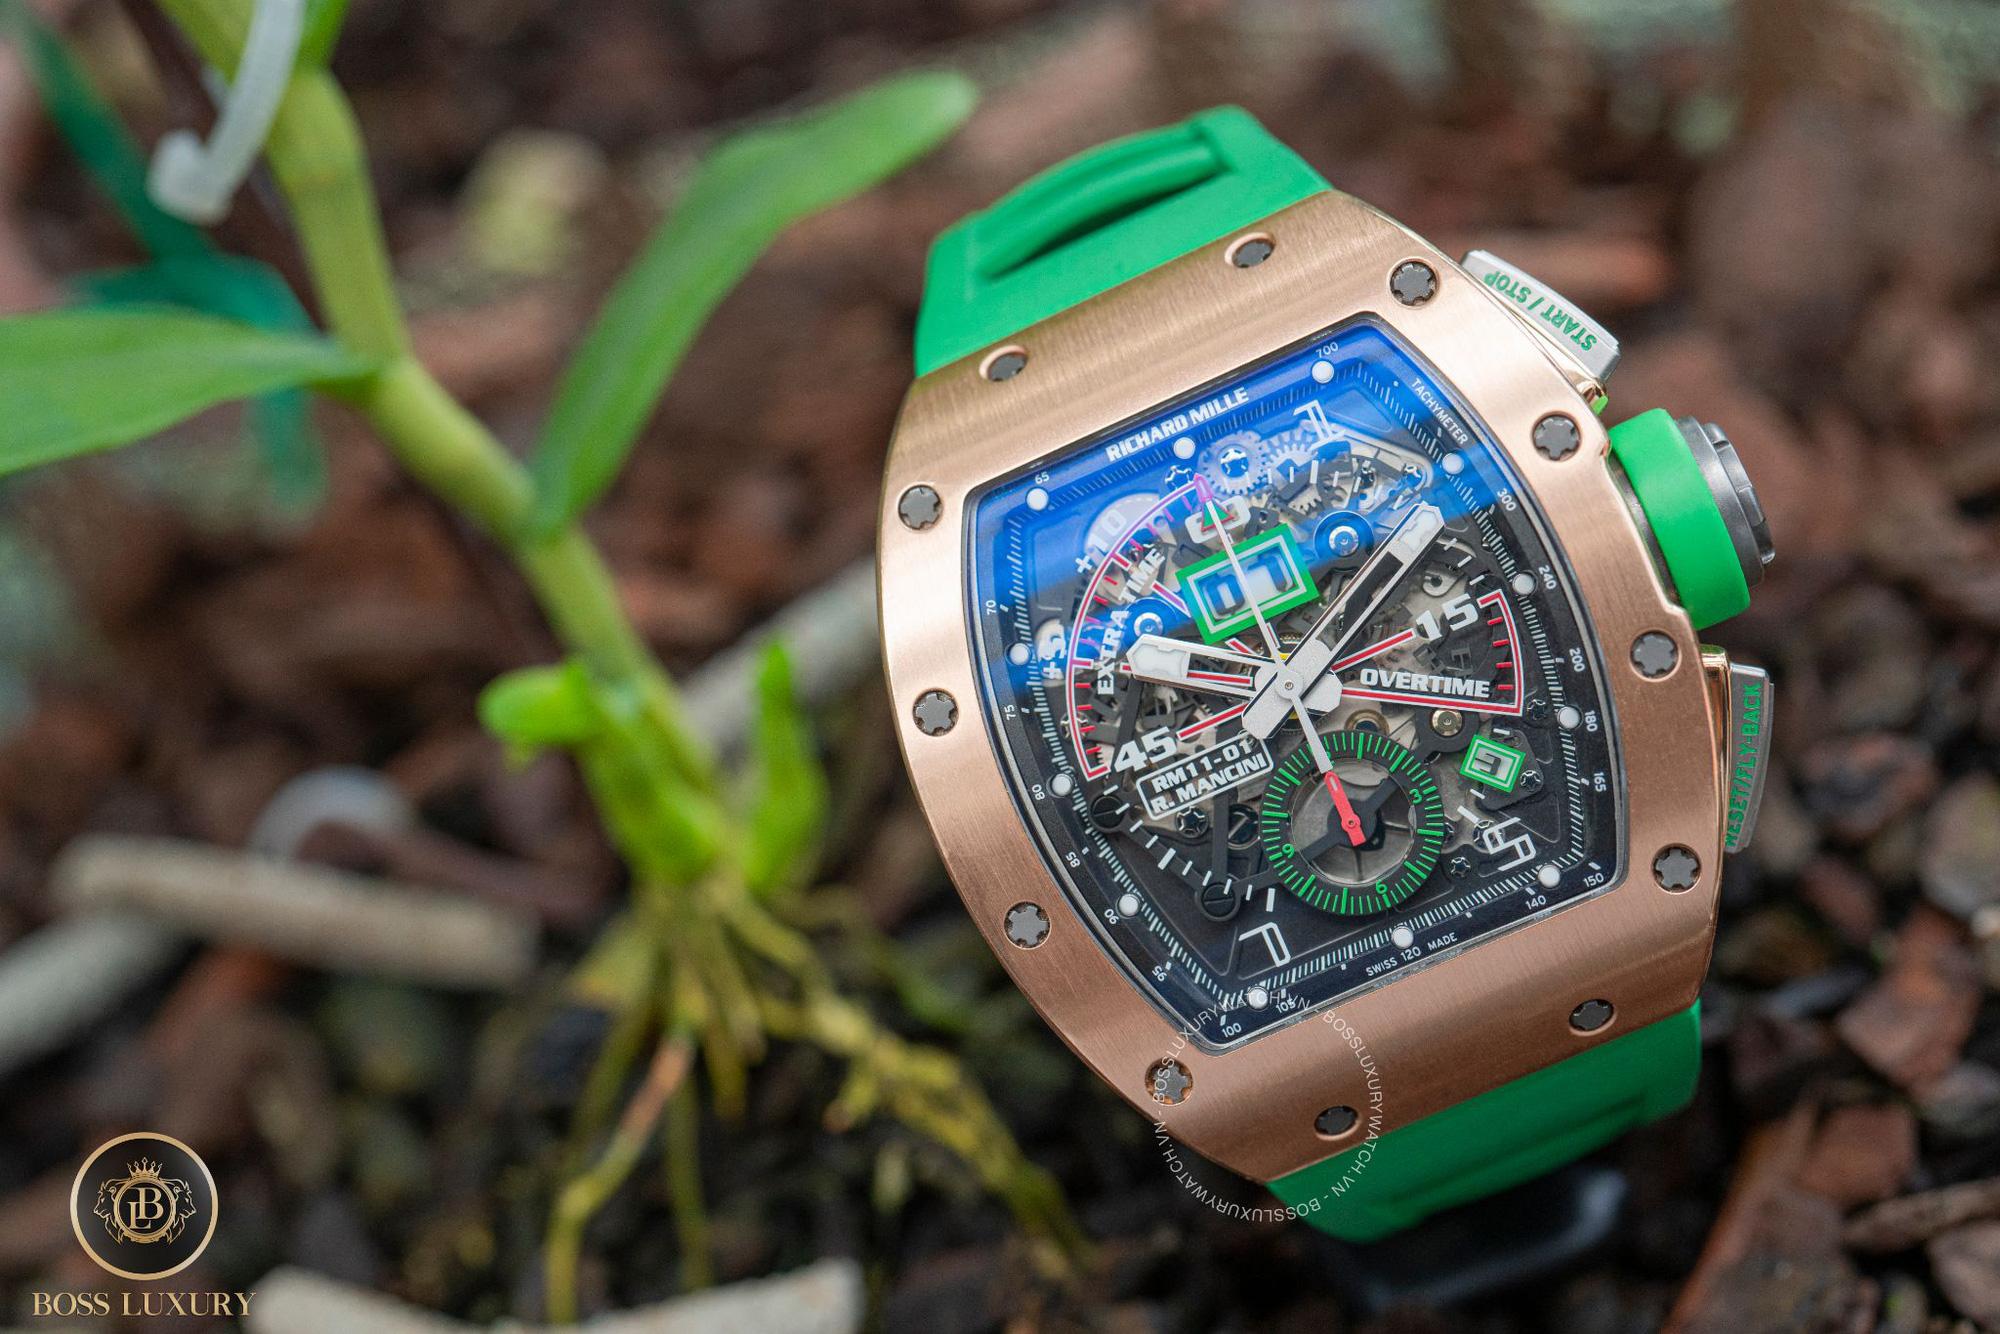 Đồng hồ Richard Mille và những dấu ấn khó quên tại Boss Luxury trong 4 tháng đầu năm 2021 - Ảnh 3.